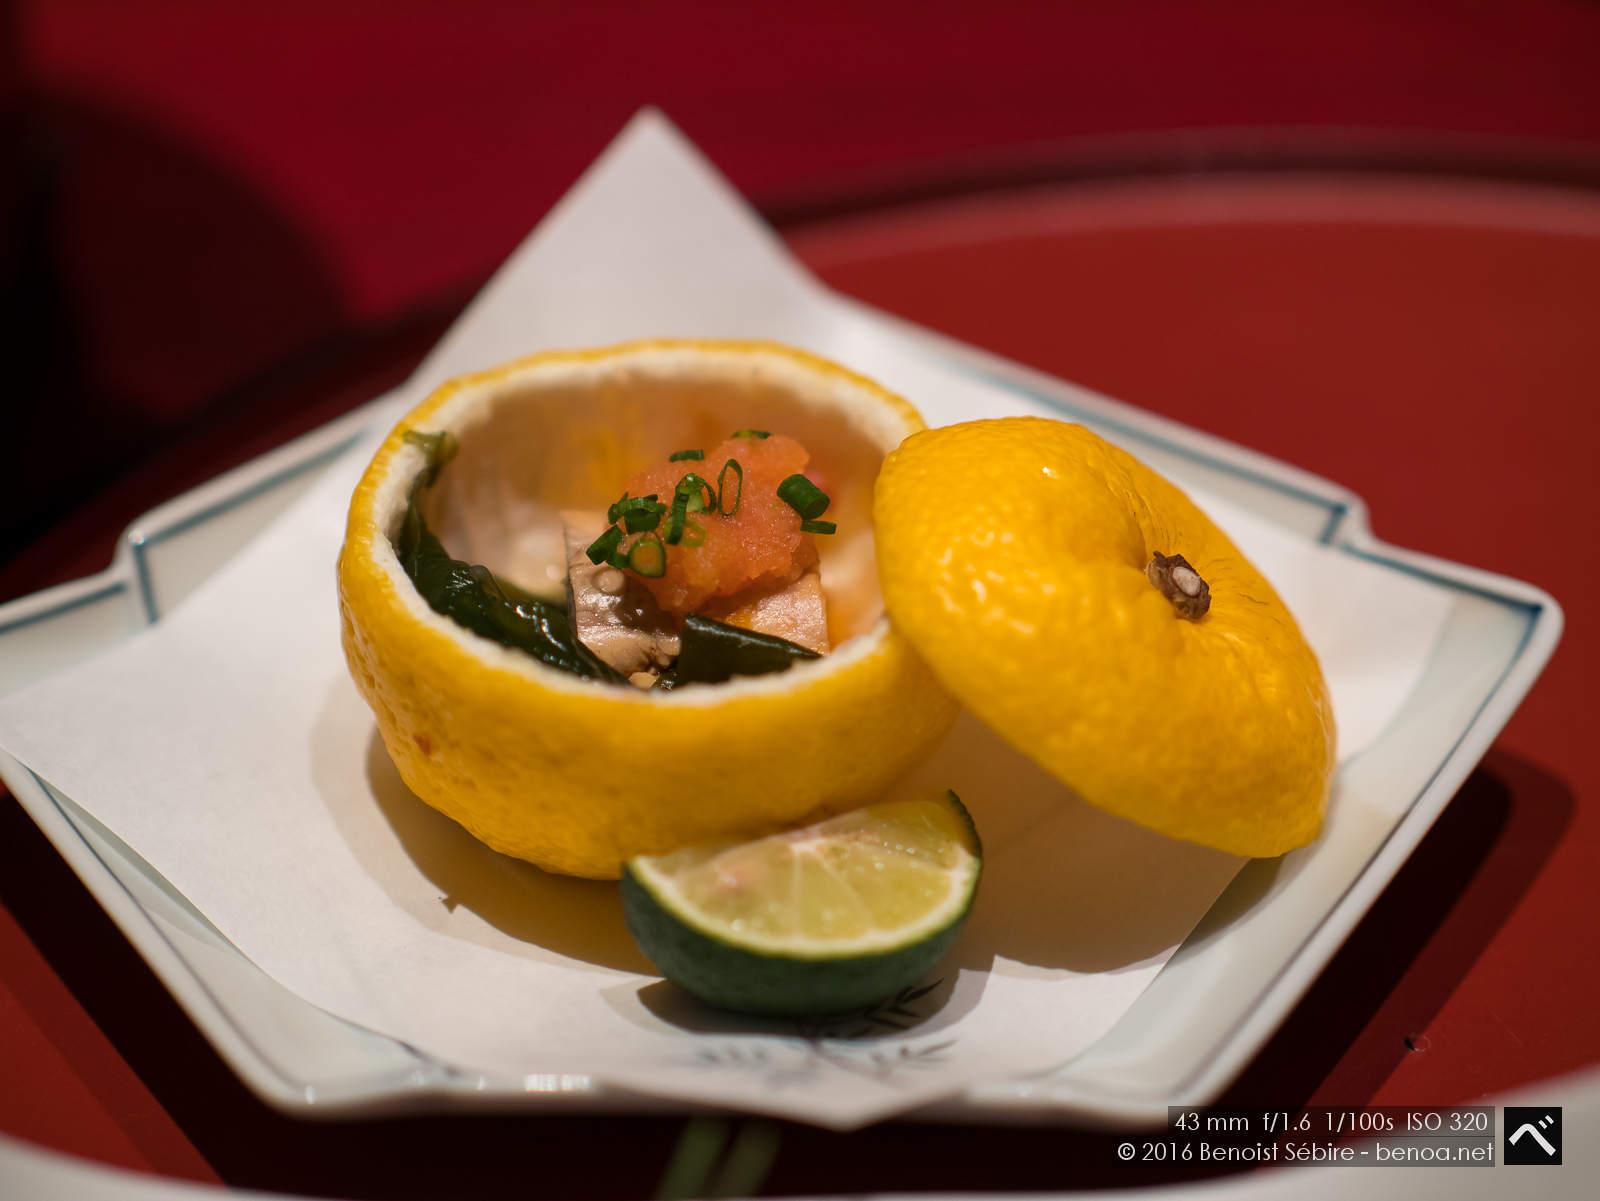 Ryokan Food